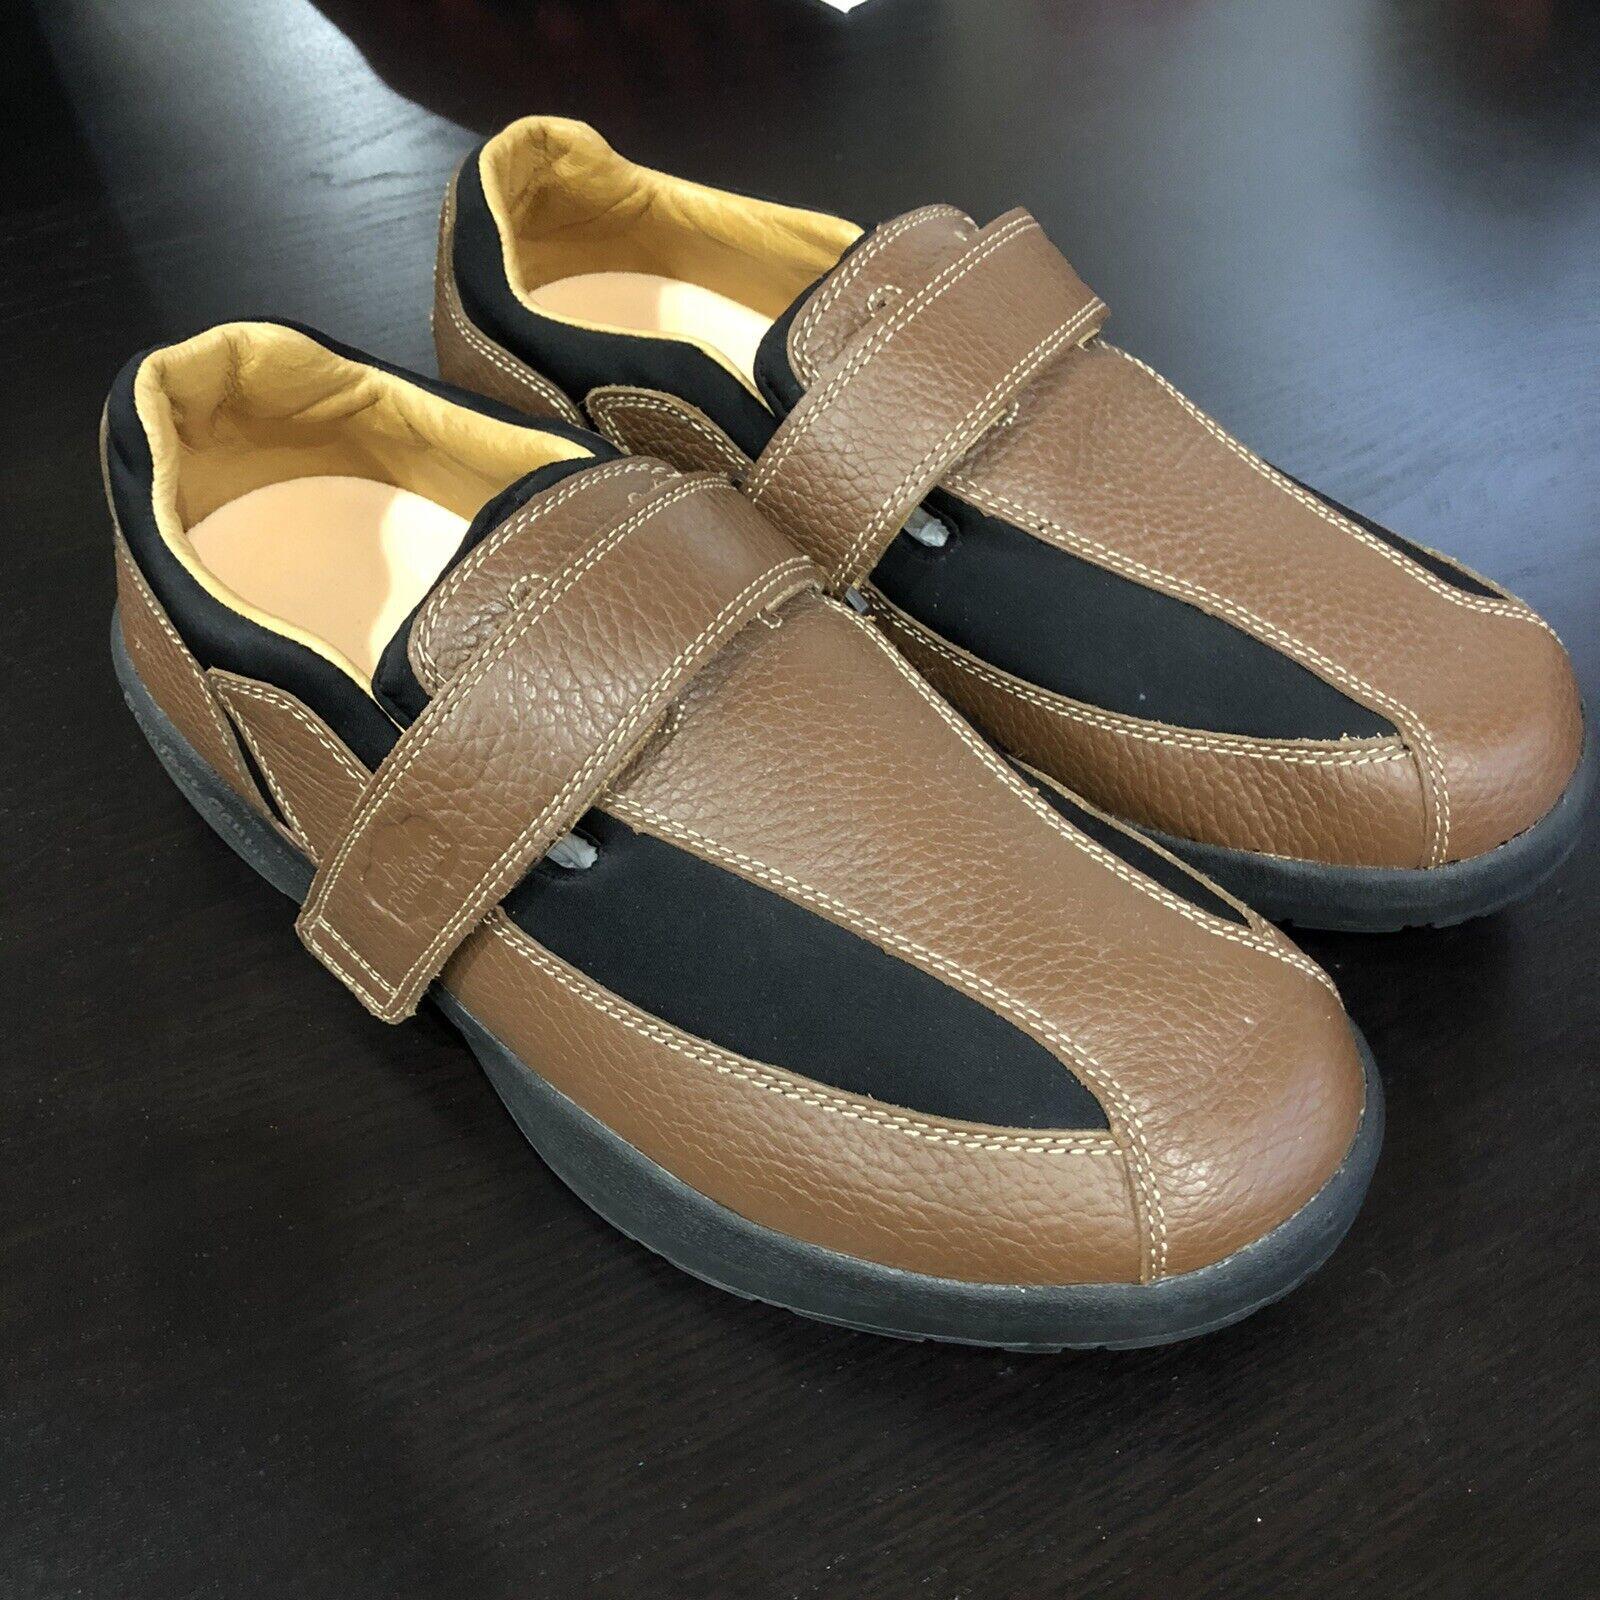 Dr.Comfort Diabetic Douglas Chestnut Brown Leather Shoes 6620 Men's 11 XW WIDE